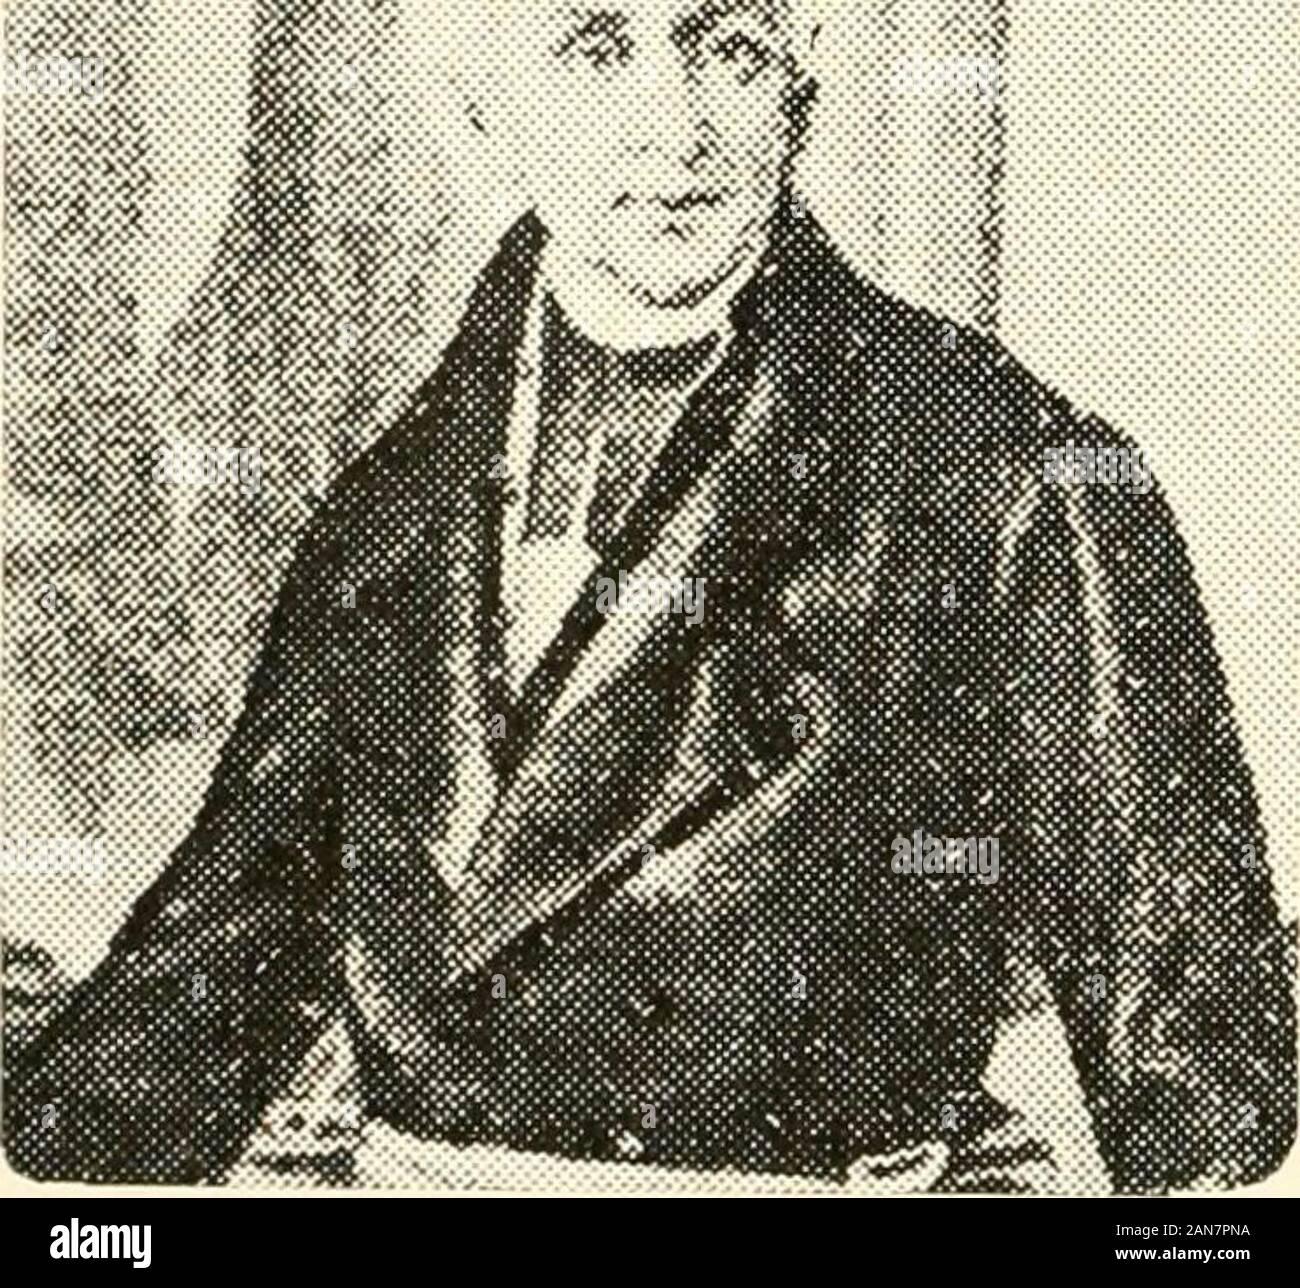 Die Geschichte und die Geographie von Texas, wie in der Grafschaft Namen gesagt. Standard. HIDALGO. Diese Grafschaft zu Ehren der Patriot Priester genannt wurde, Miguel Hidalgo. Er wurde in der Provinz von Guanajuato, 8. Mai 1753 geboren. An einem frühen Alter er dem Kollegium der San^ Nicolas gesendet wurde, in Valladolid, wo er sein-Cam. e als Student unterschieden. Anschließend wurde er in die Stadt ofMexico gesendet. 1778 und 1779 conferredupon hethere studiert und hatte ihm den Grad des Bachelorof Theologie. Nach seiner Rückkehr nach Val ladolid erhielt er durch successiveappointments als Cura, zwei von therichest Pfründen der Diözese, und schließlich zum c Stockfoto